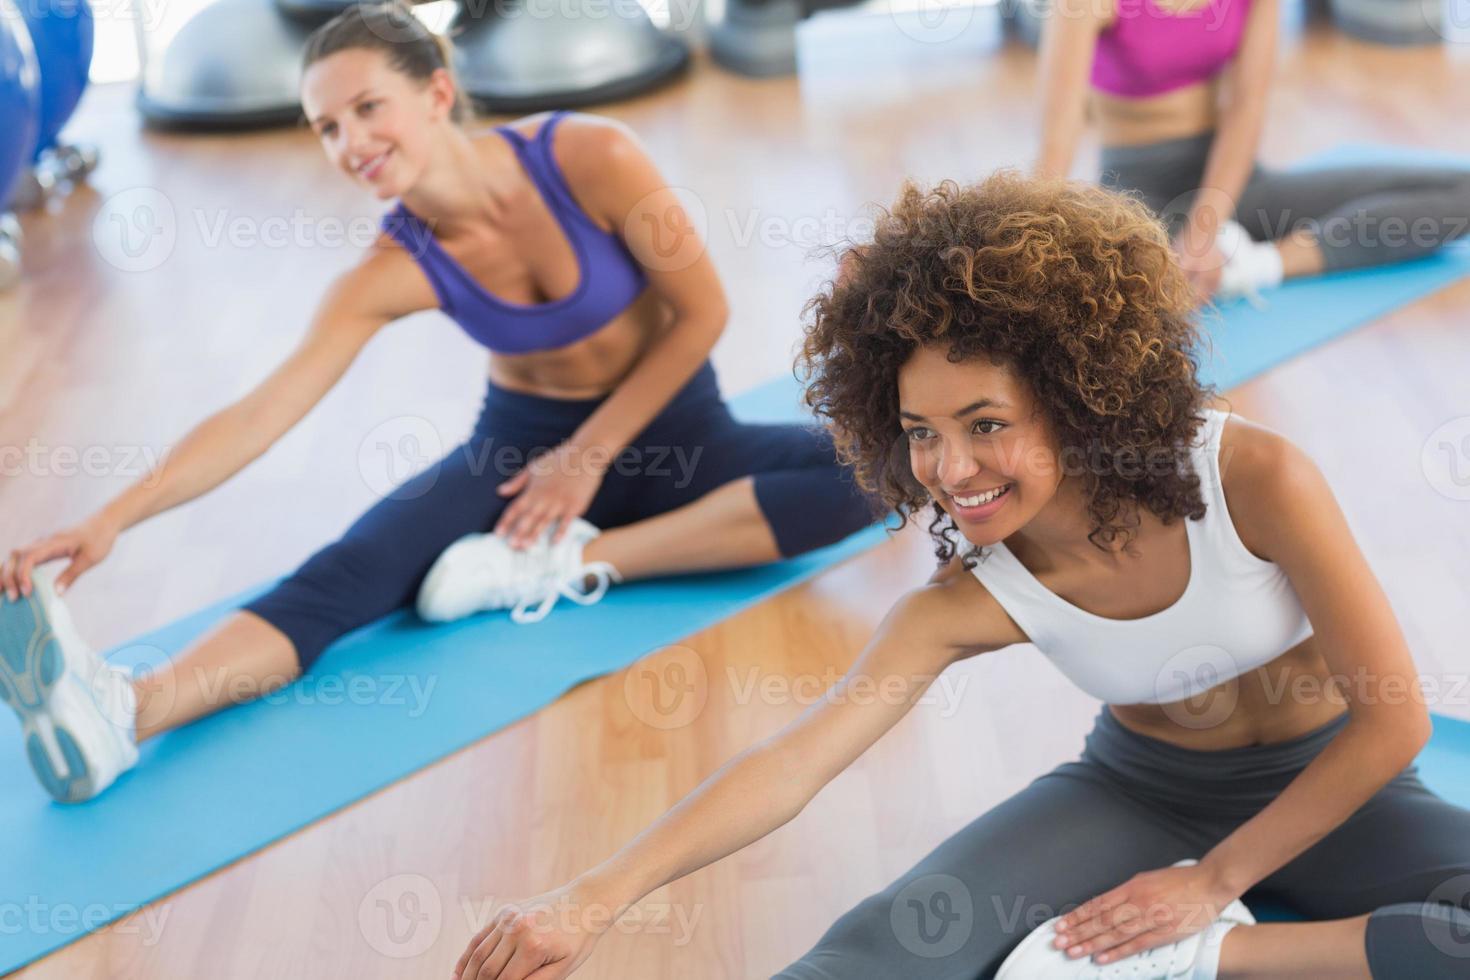 mensen doen rekoefeningen in de fitness-studio foto